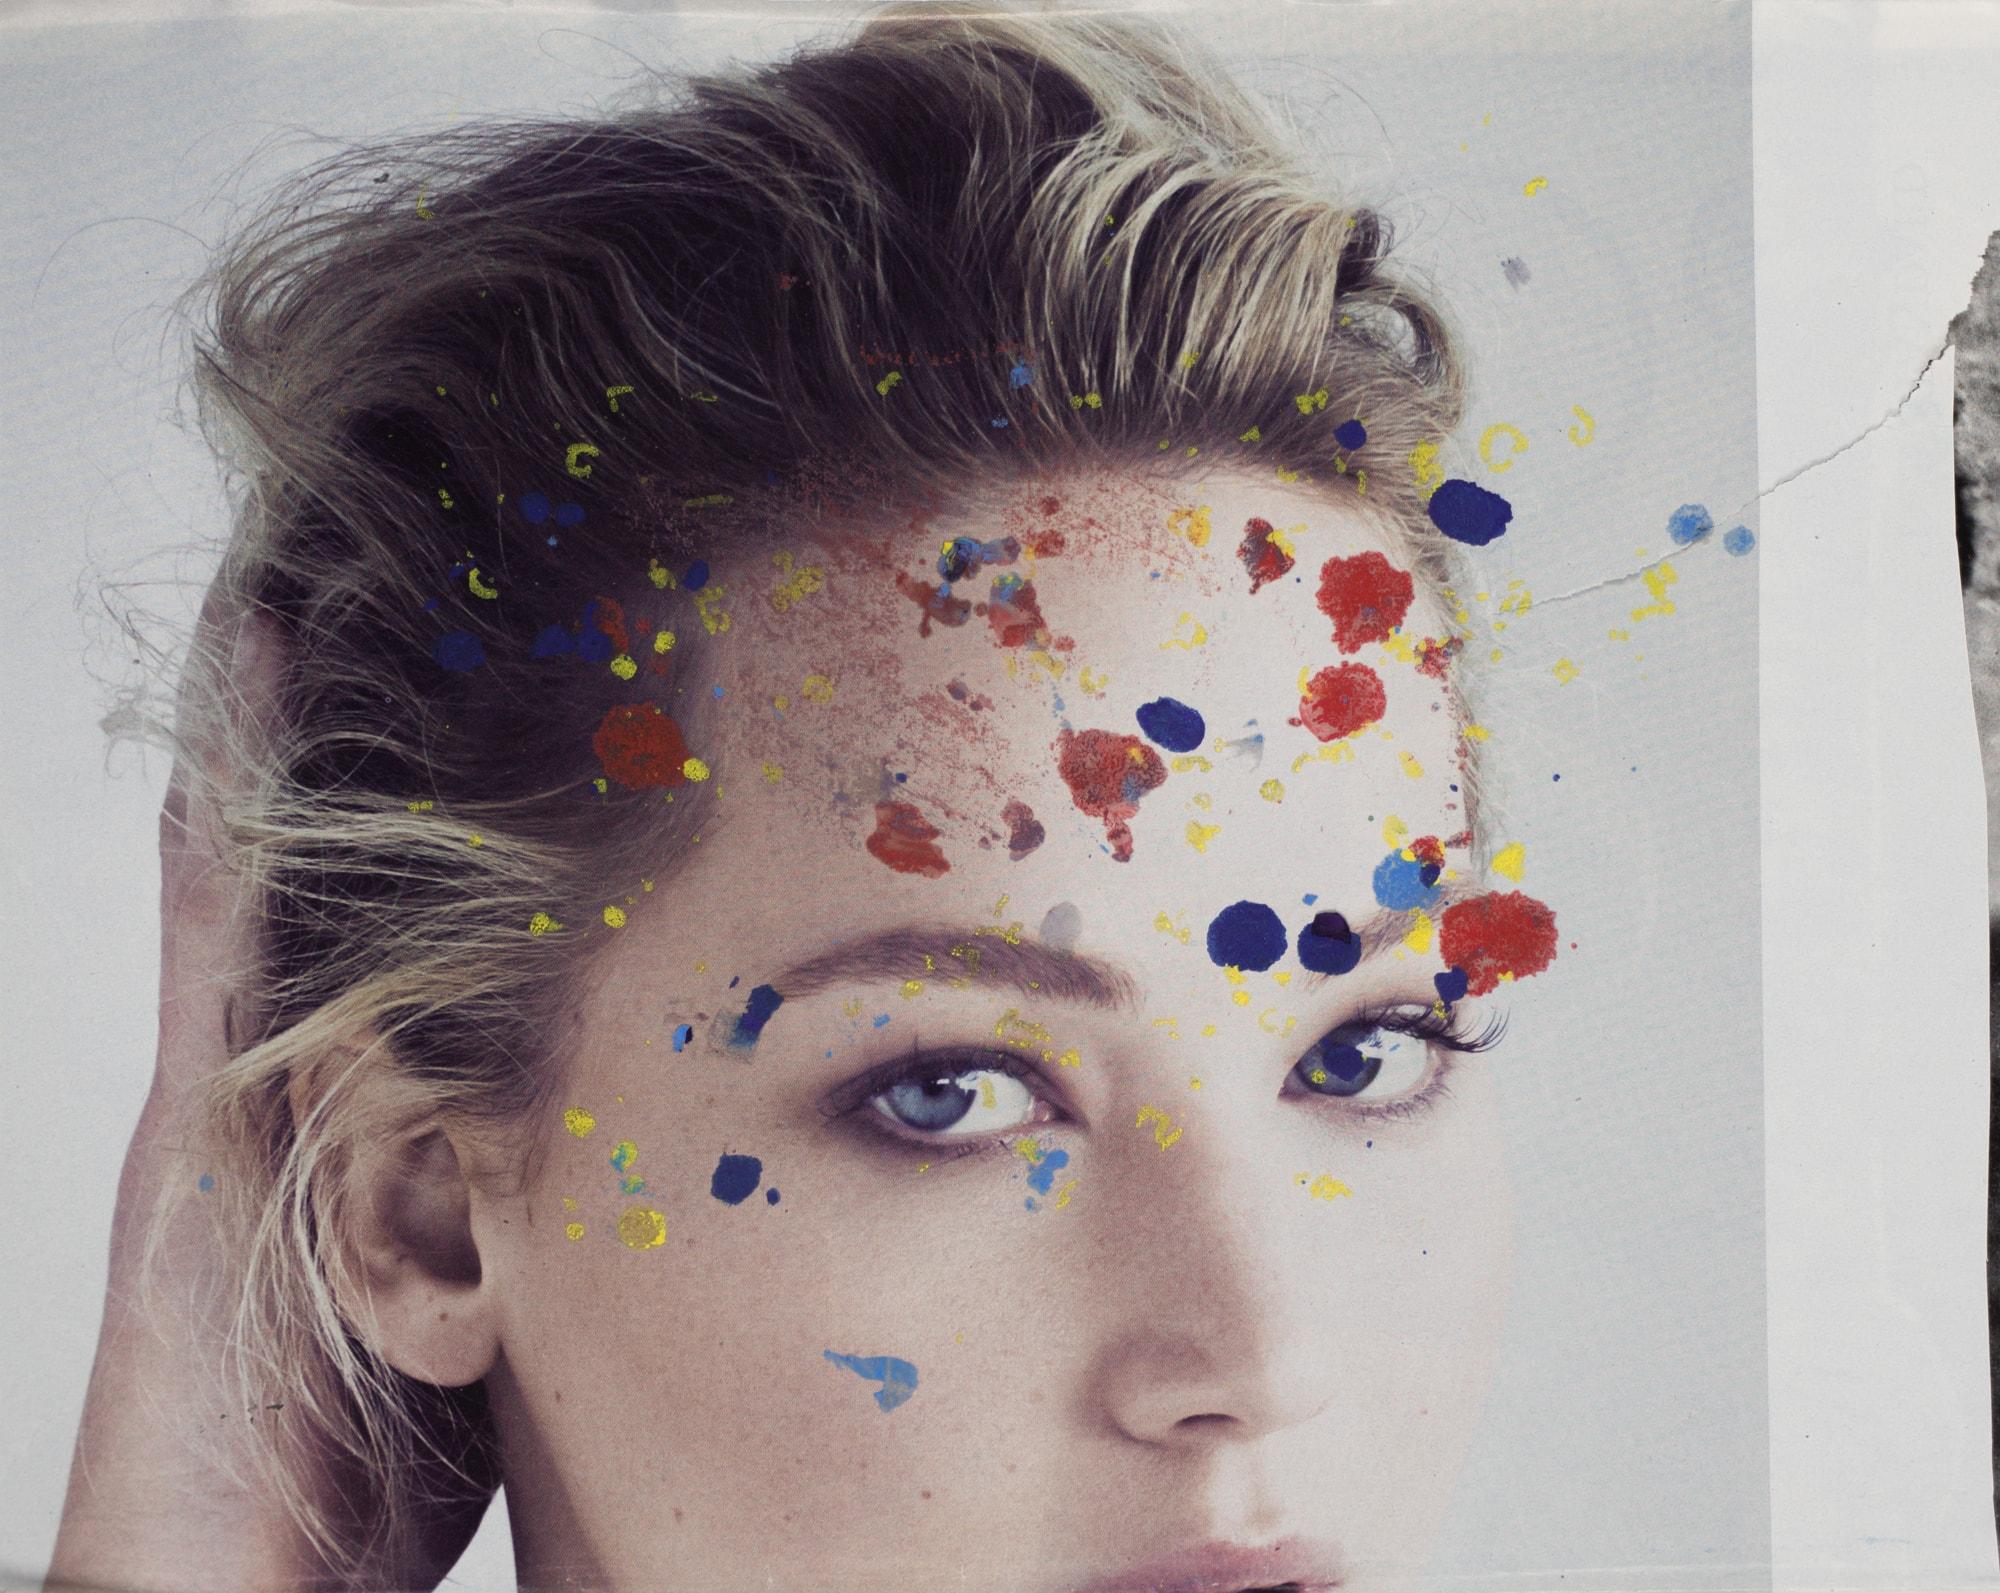 Zeichnung, Ölkreide auf Zeitungsausschnitt, 28x22,5cm, Portrait, Künstlerin: Franziska King